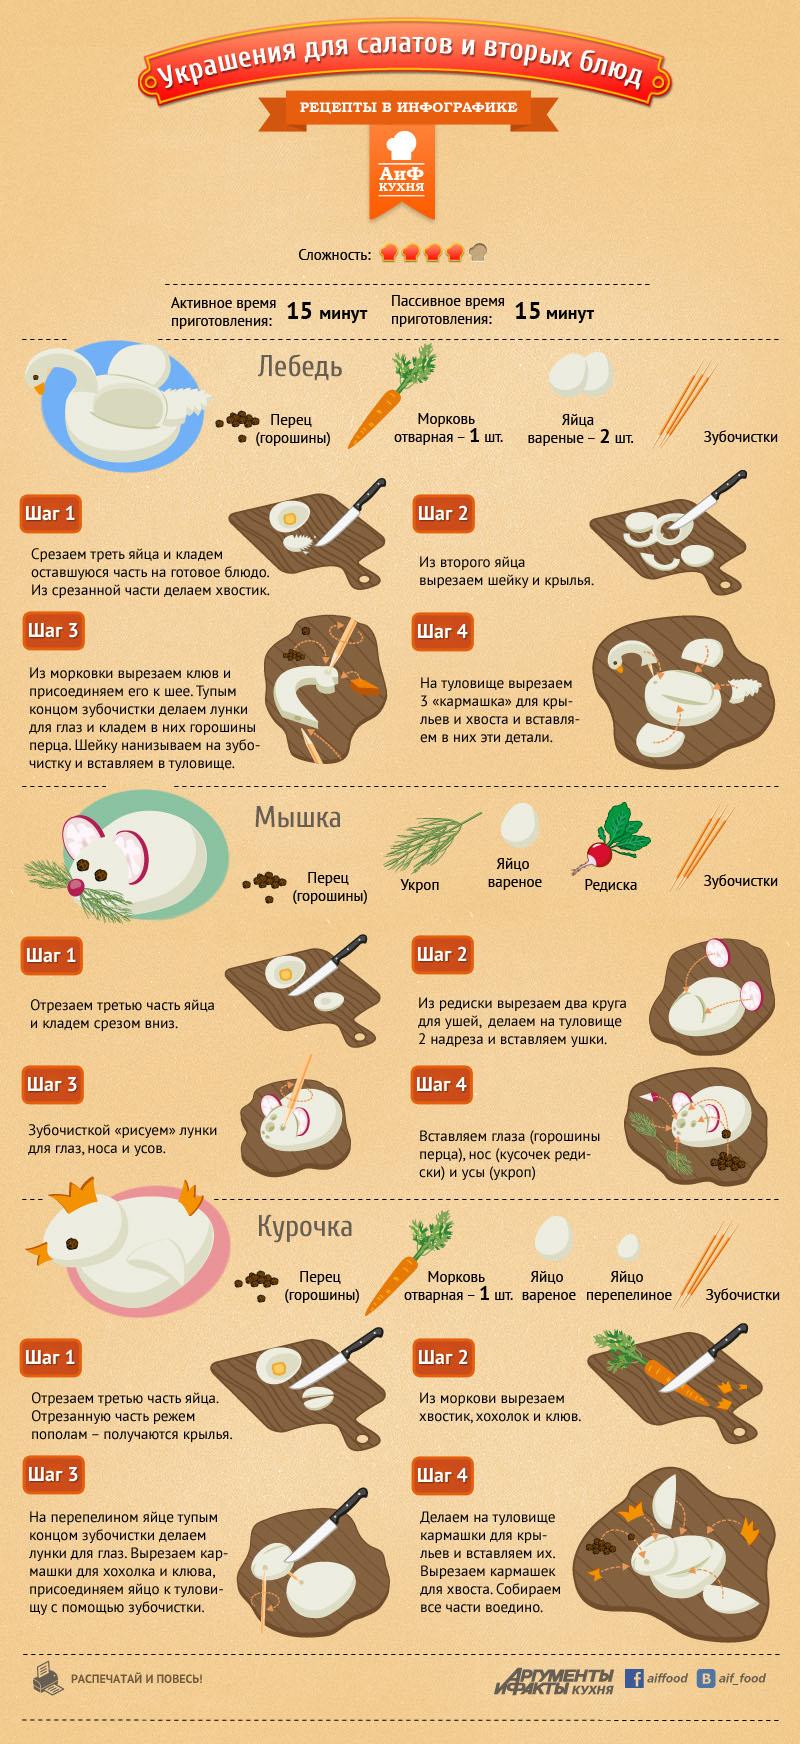 Рецепты с макаронами гнездами и курицей